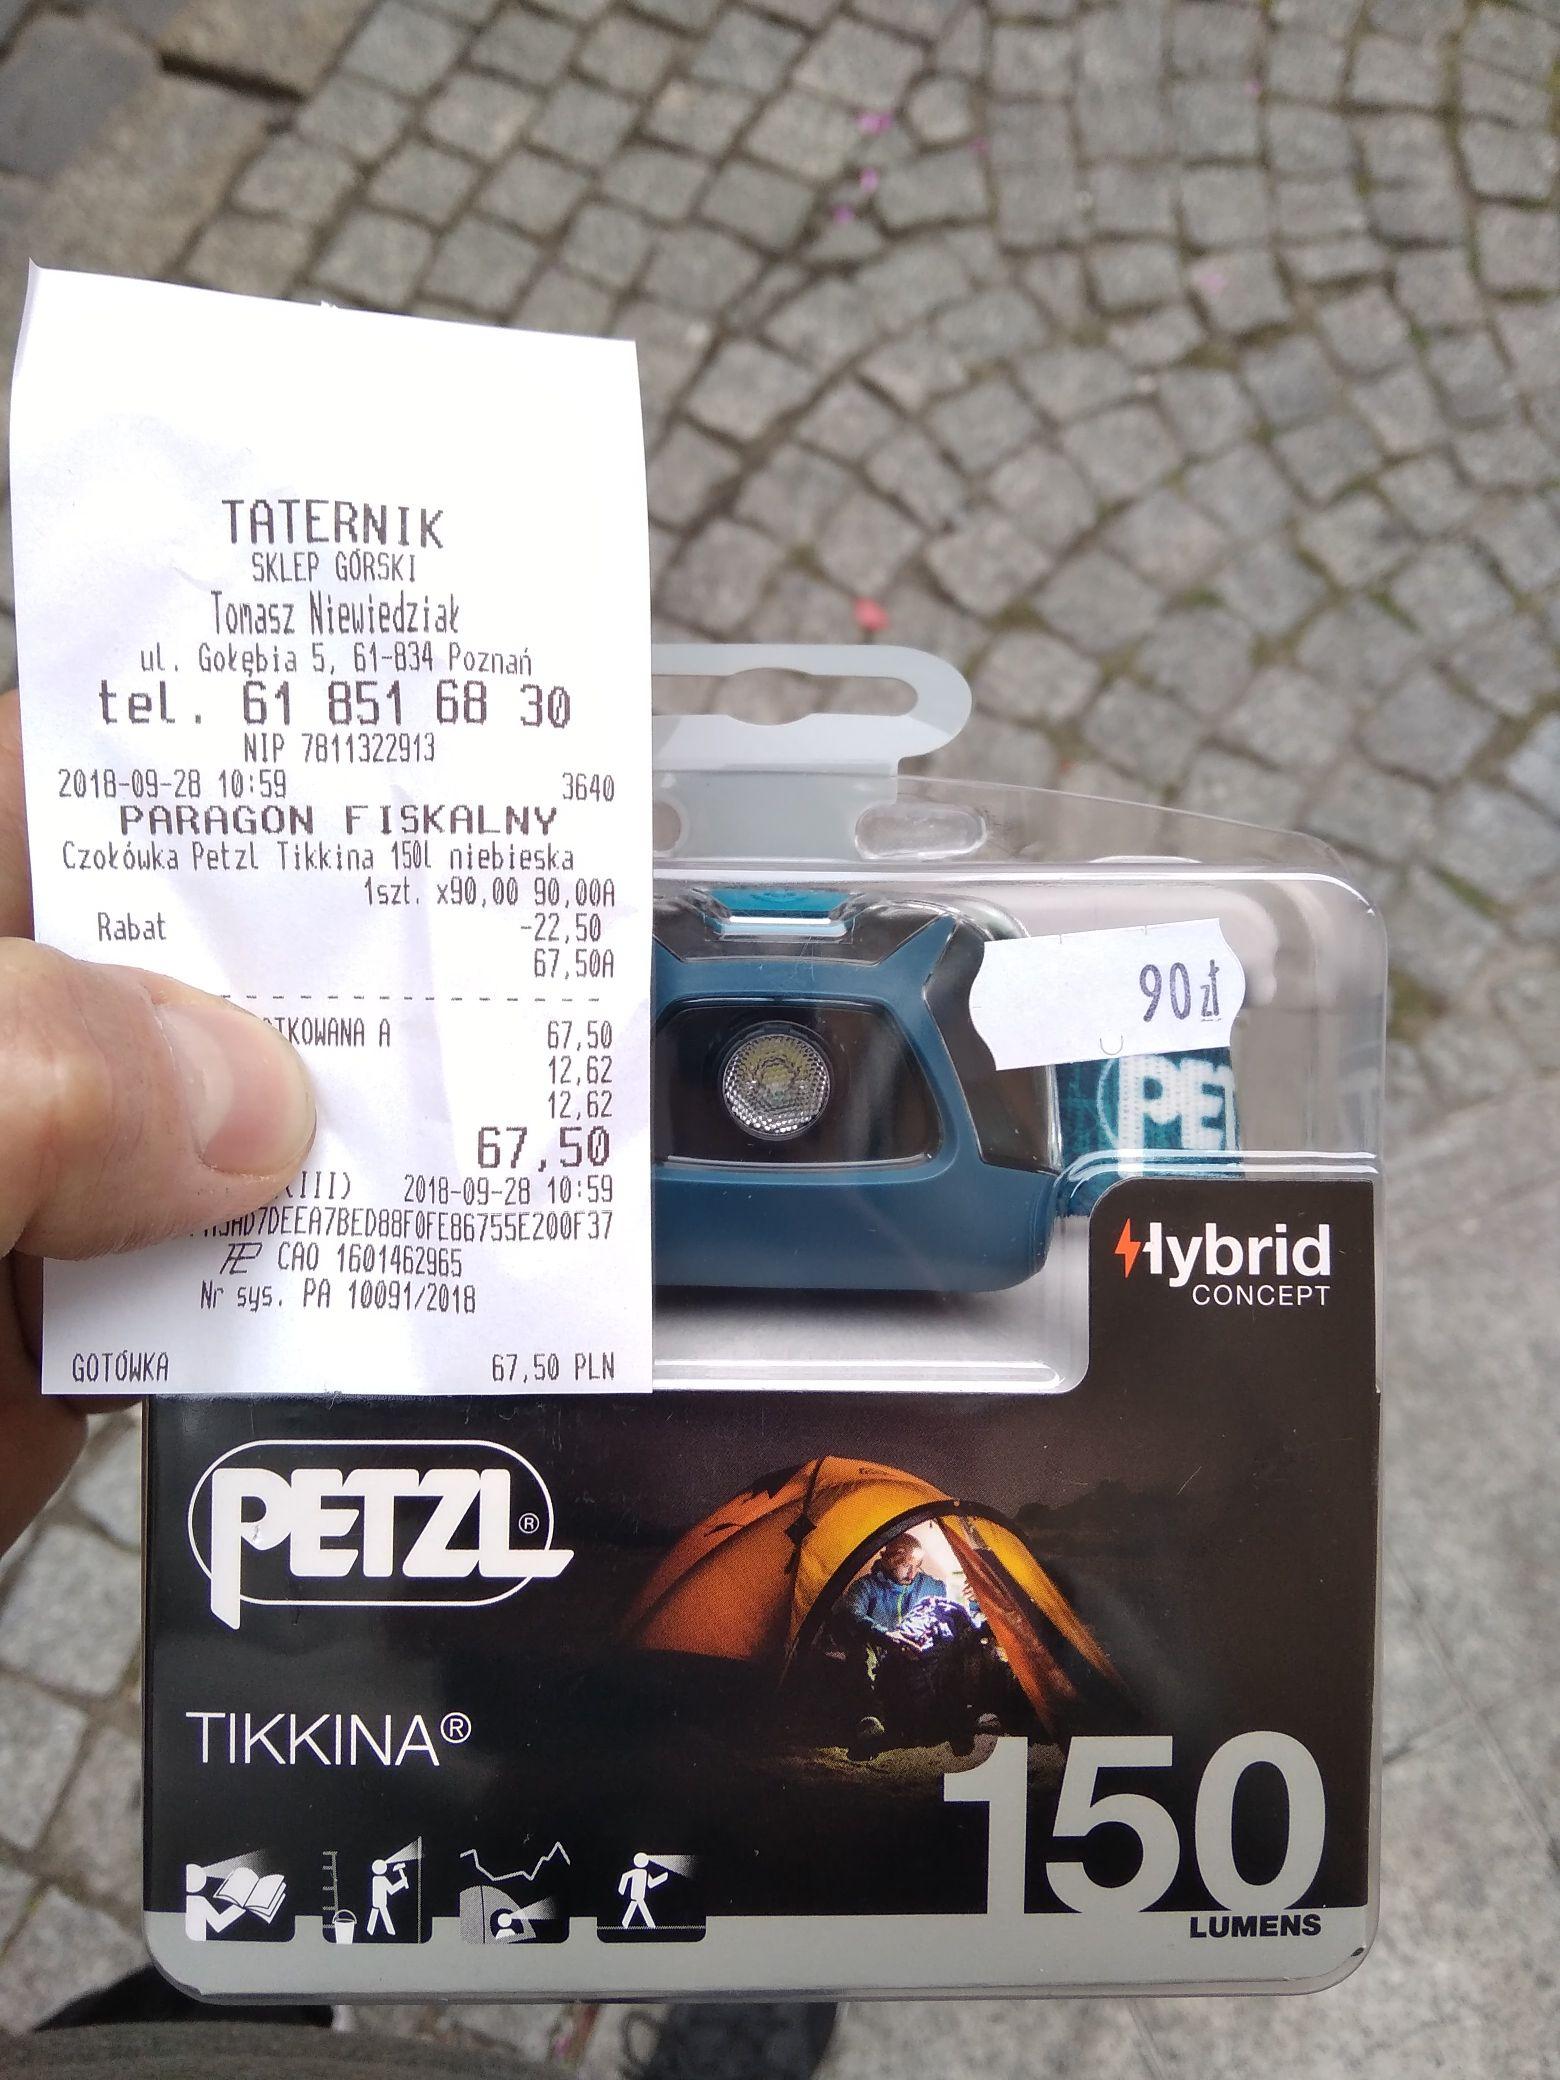 Bardzo fajna czołówka firmy Petzl tikkina